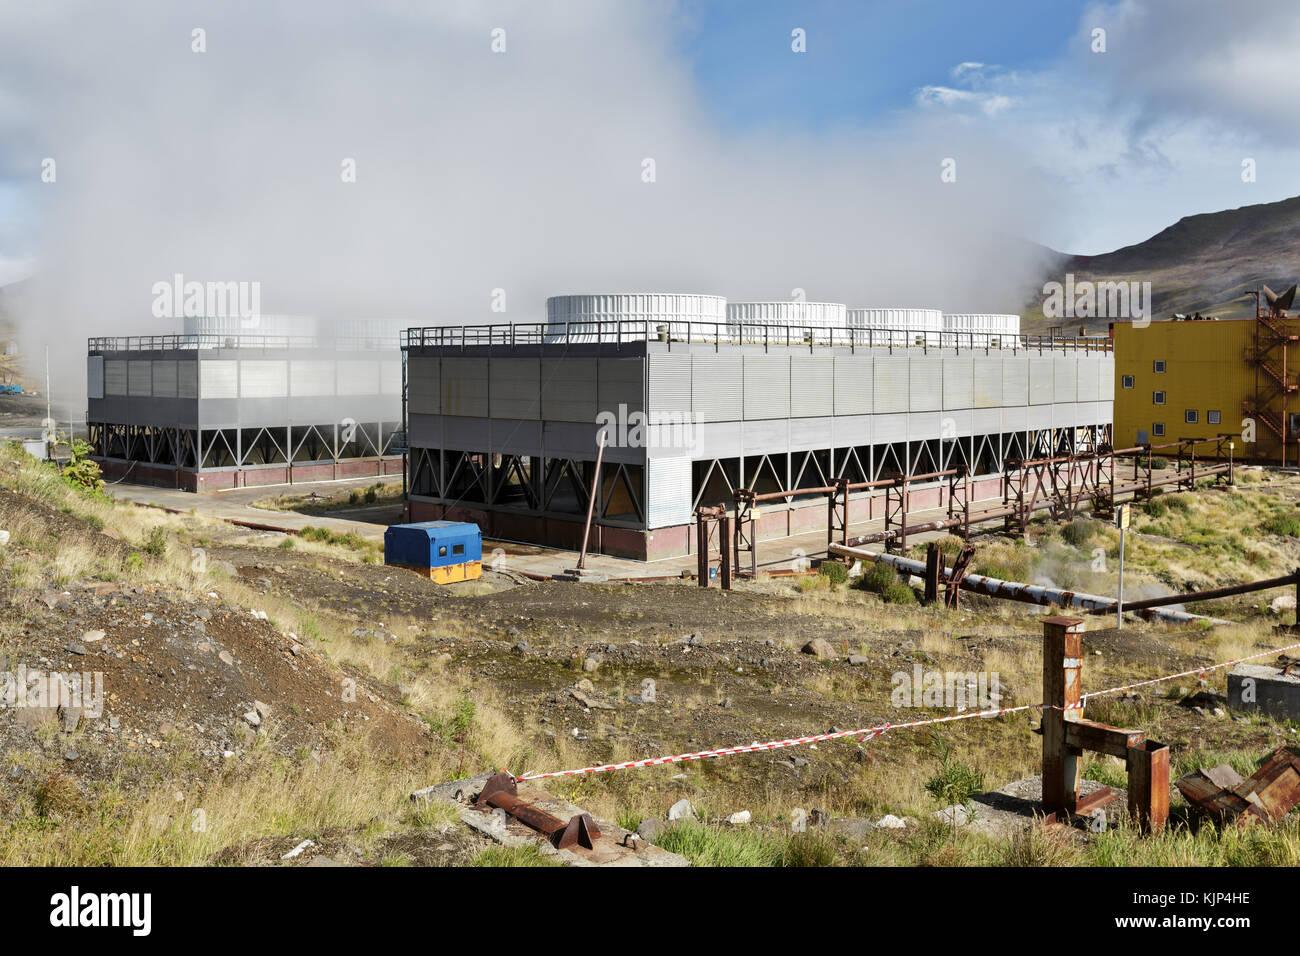 La péninsule du Kamtchatka, des tours de refroidissement ventilateur de mutnovskaya geothermal power station Photo Stock